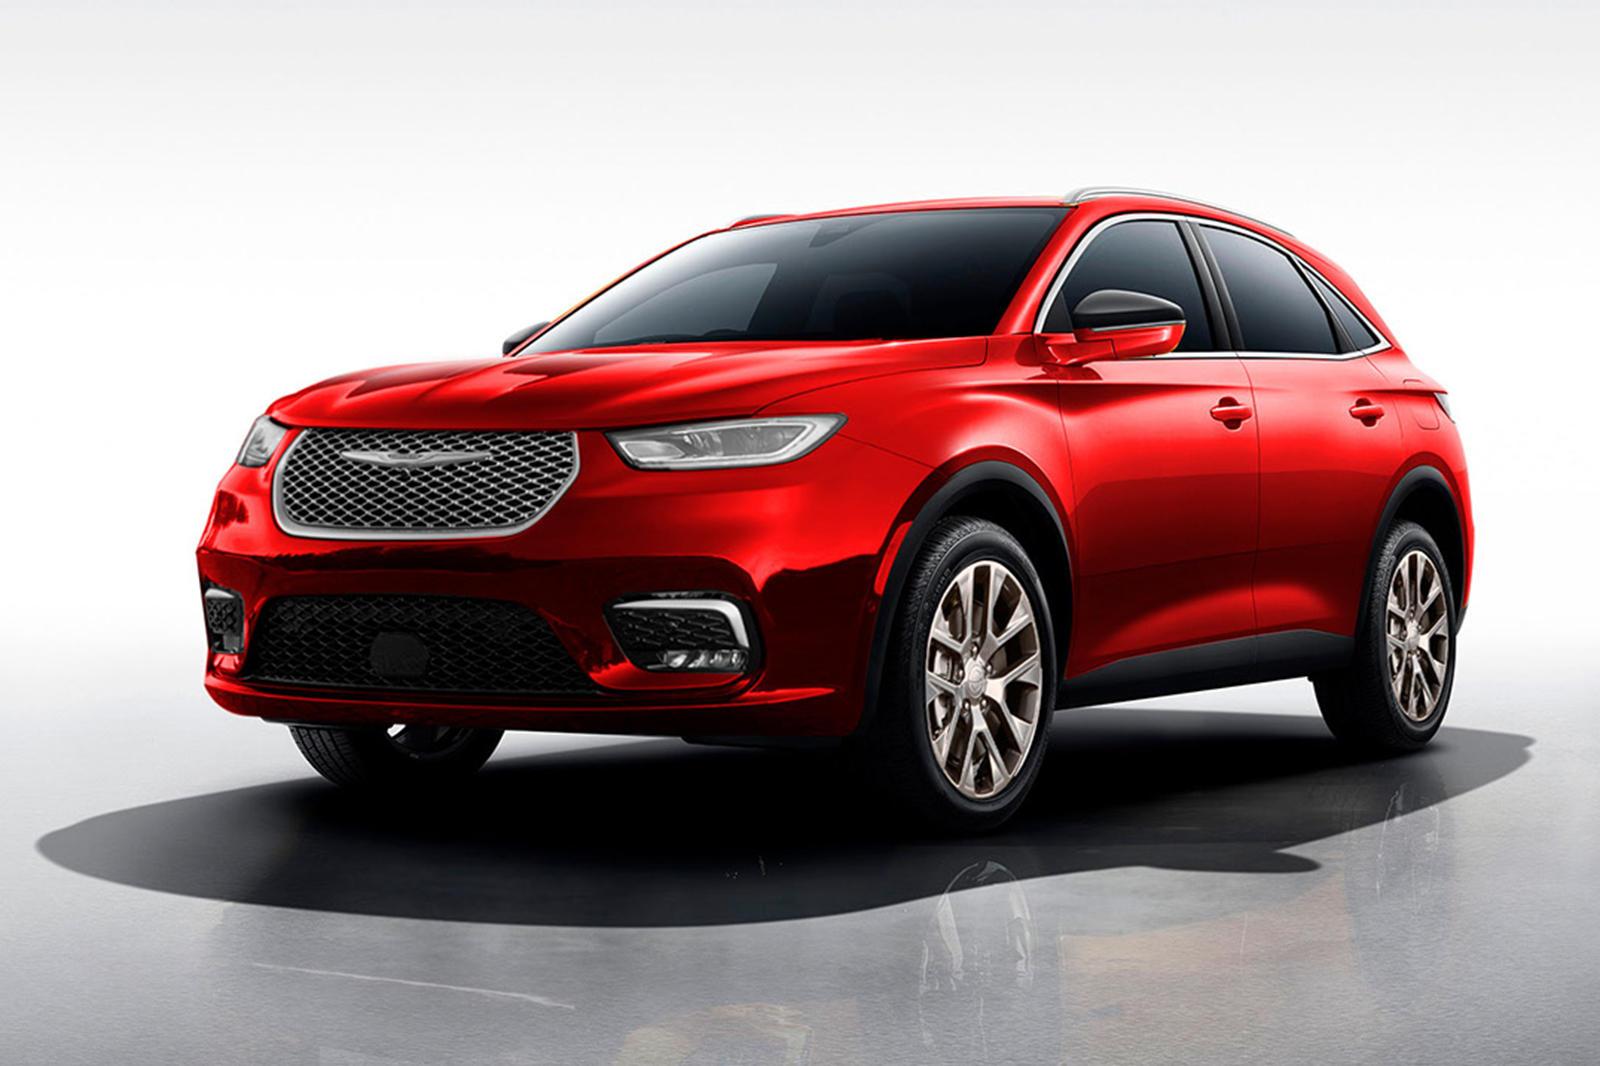 2020 Chrysler Aspen Research New